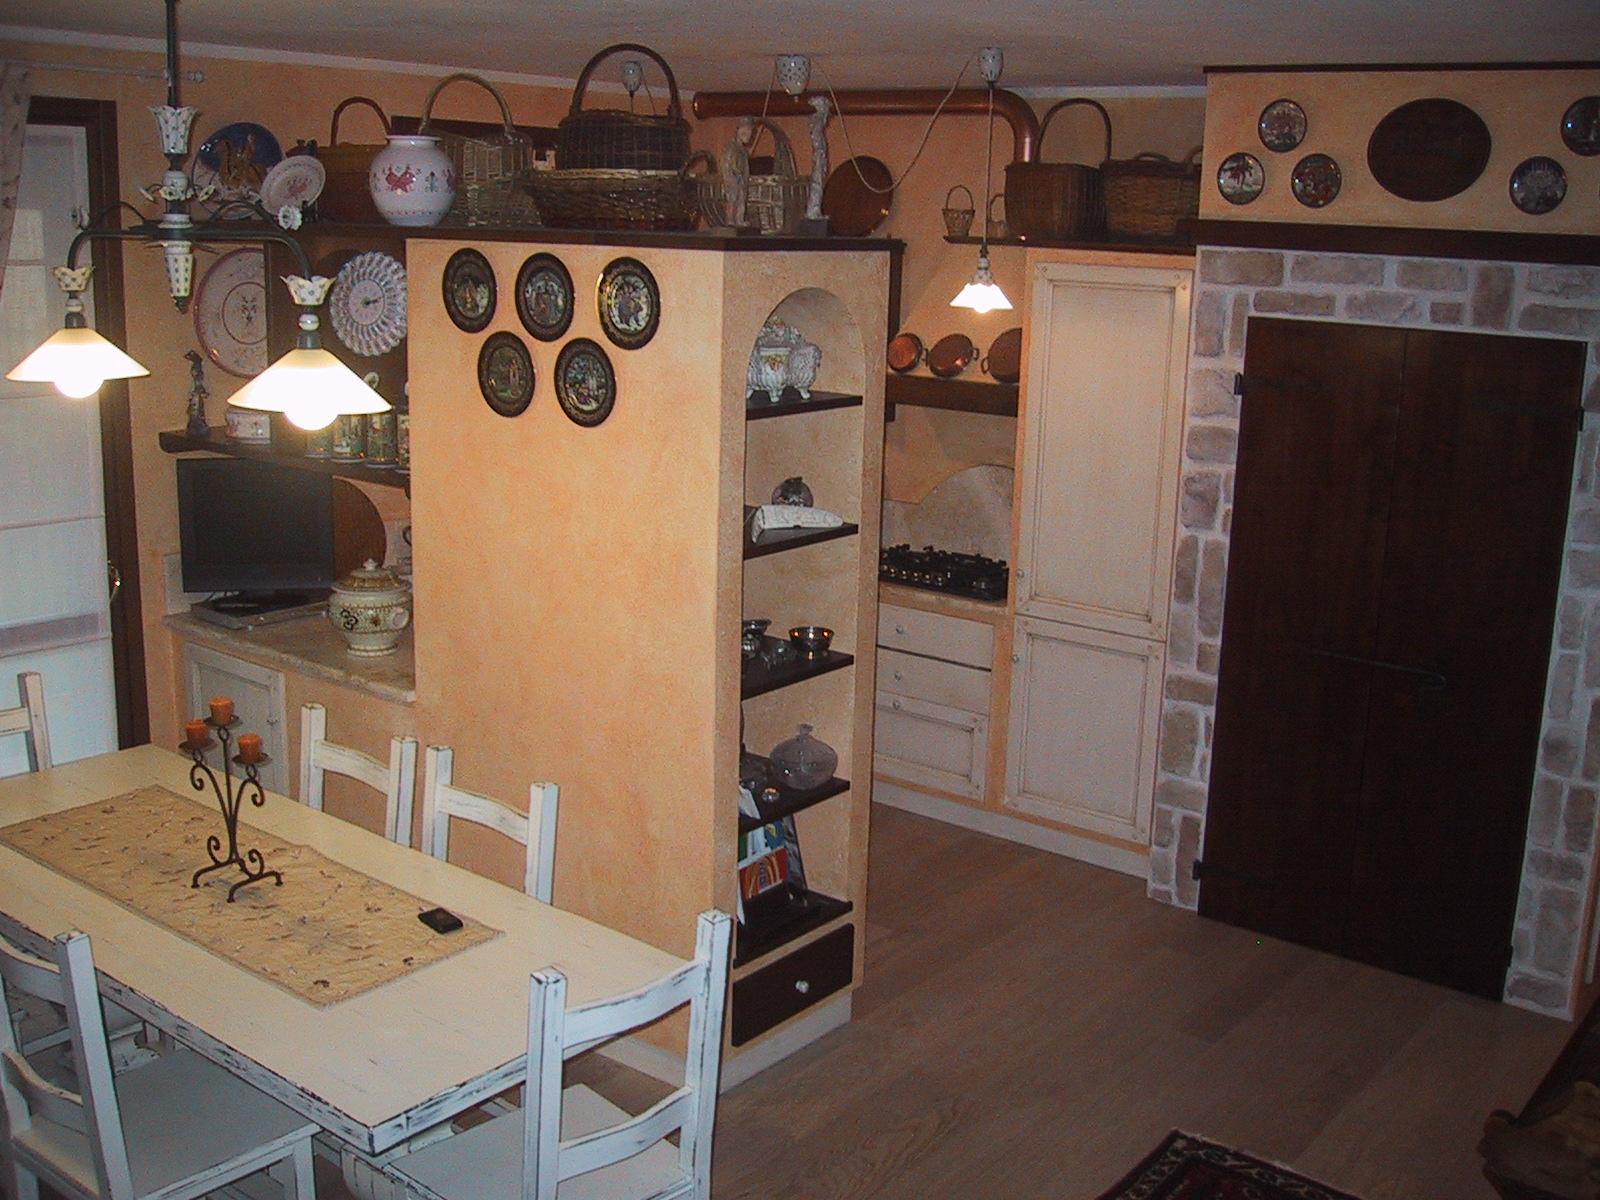 Cucina in muratura – Residenza privata (Prato)